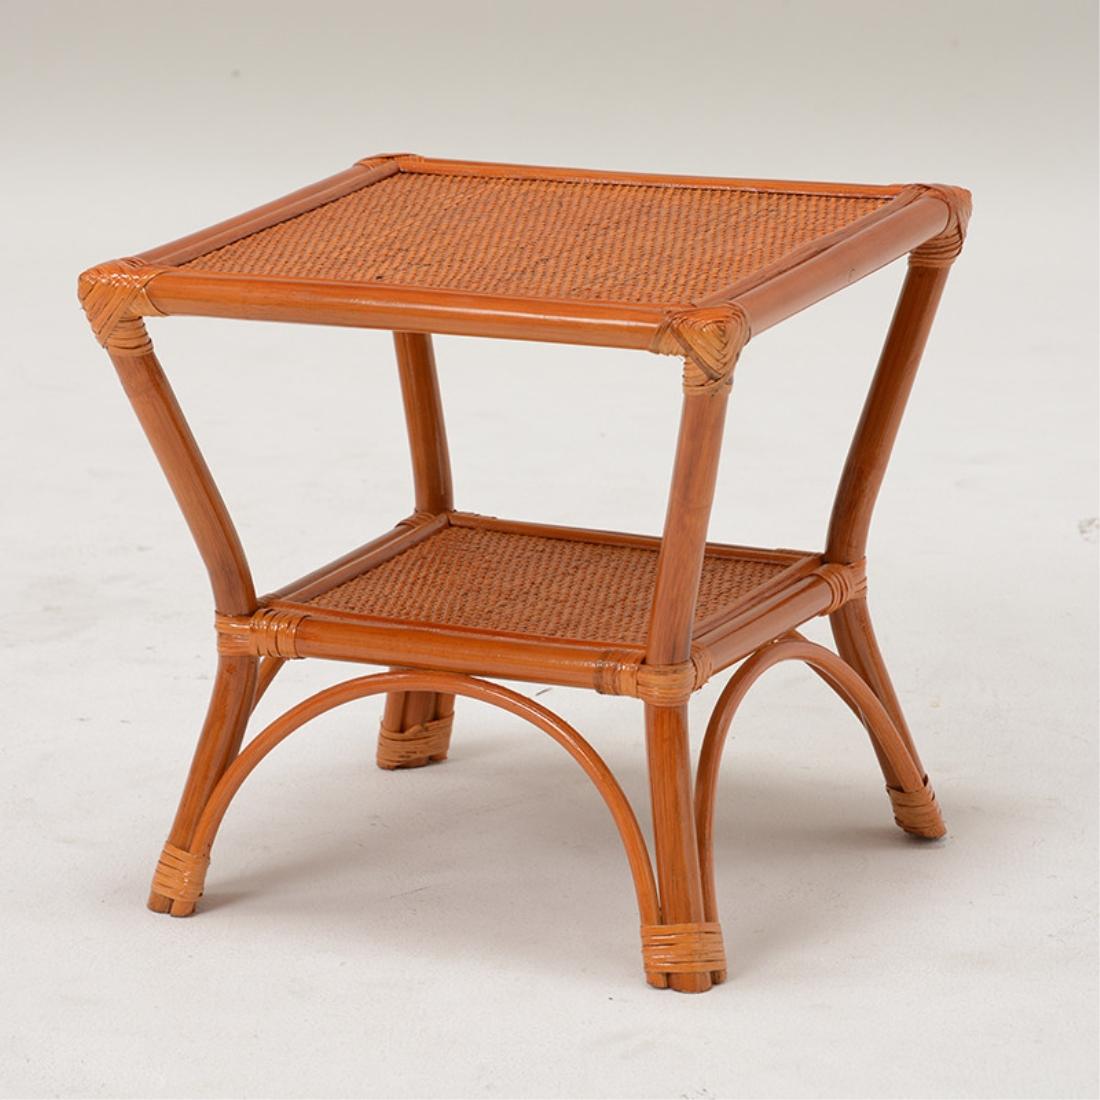 【送料無料】おしゃれ家具 木製 籐 テーブル 机